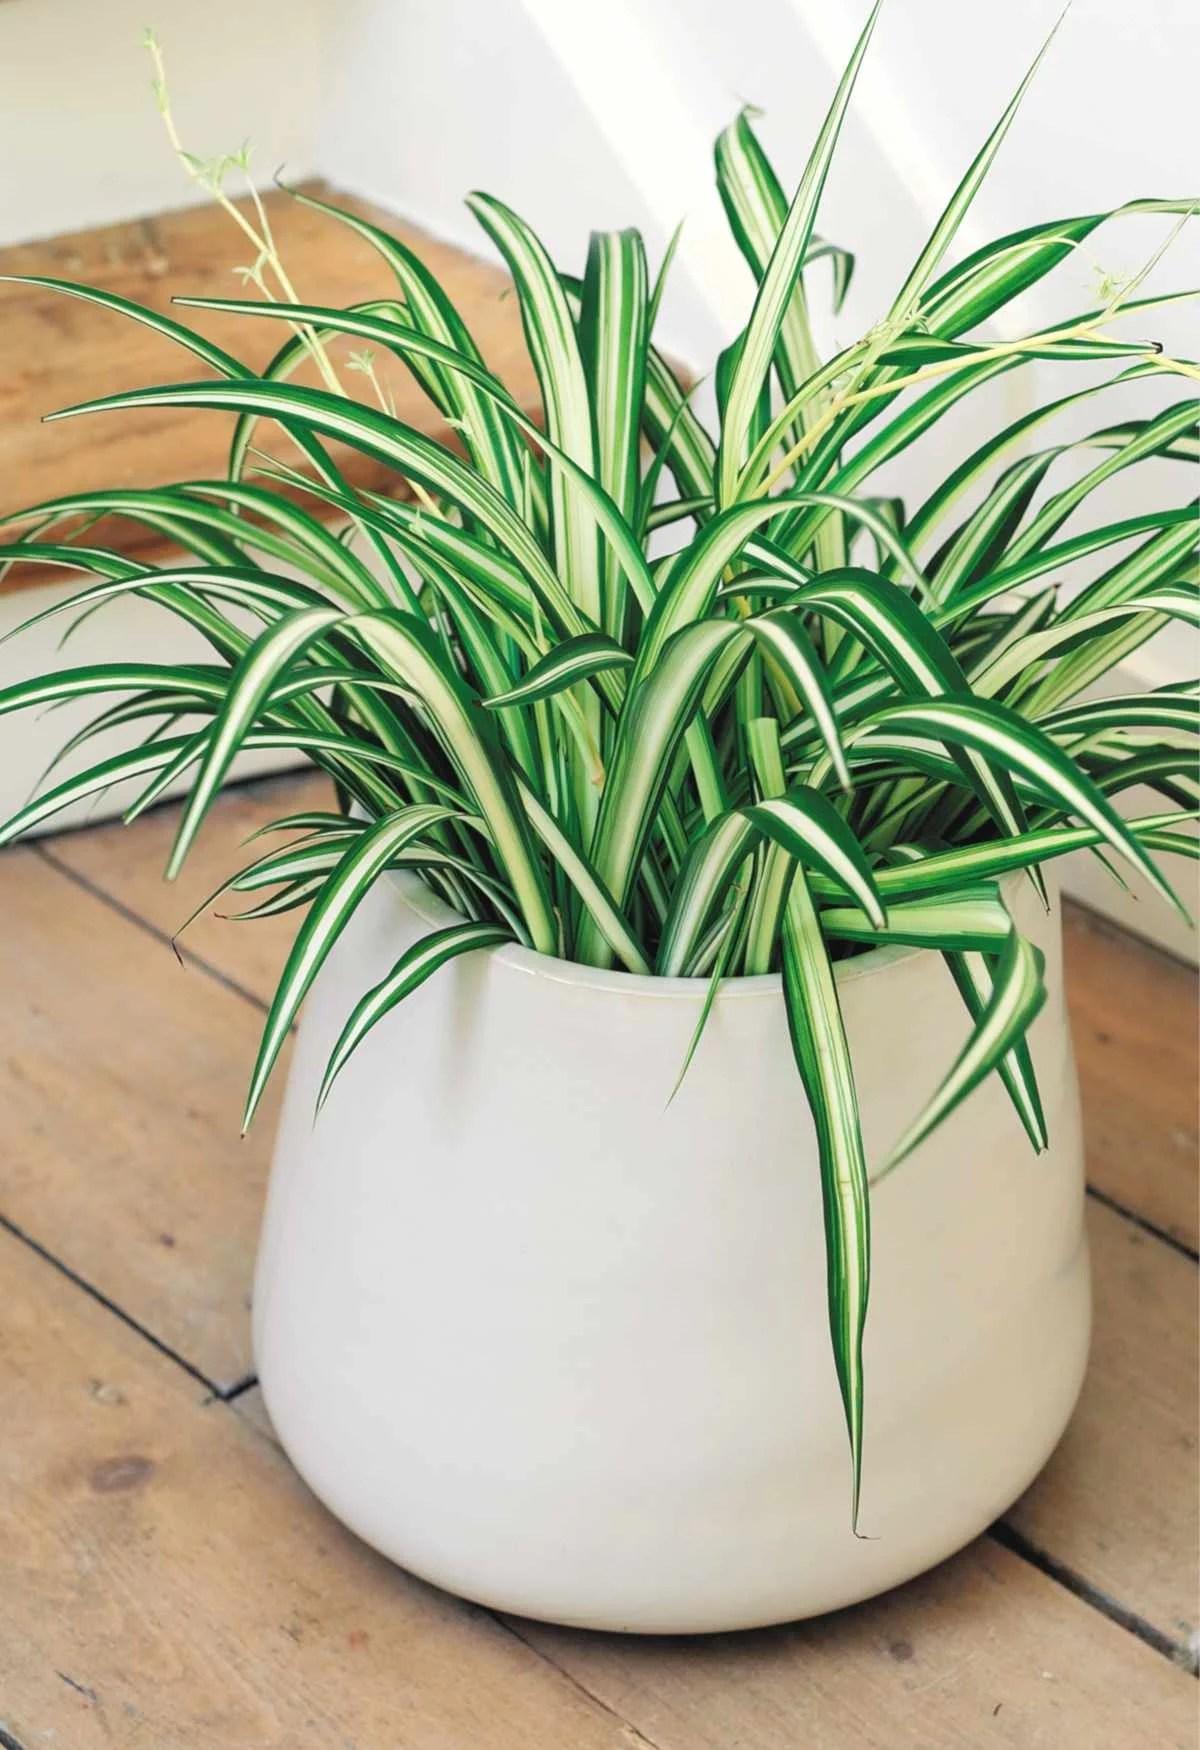 Plante d'intérieur : Chlorophytum